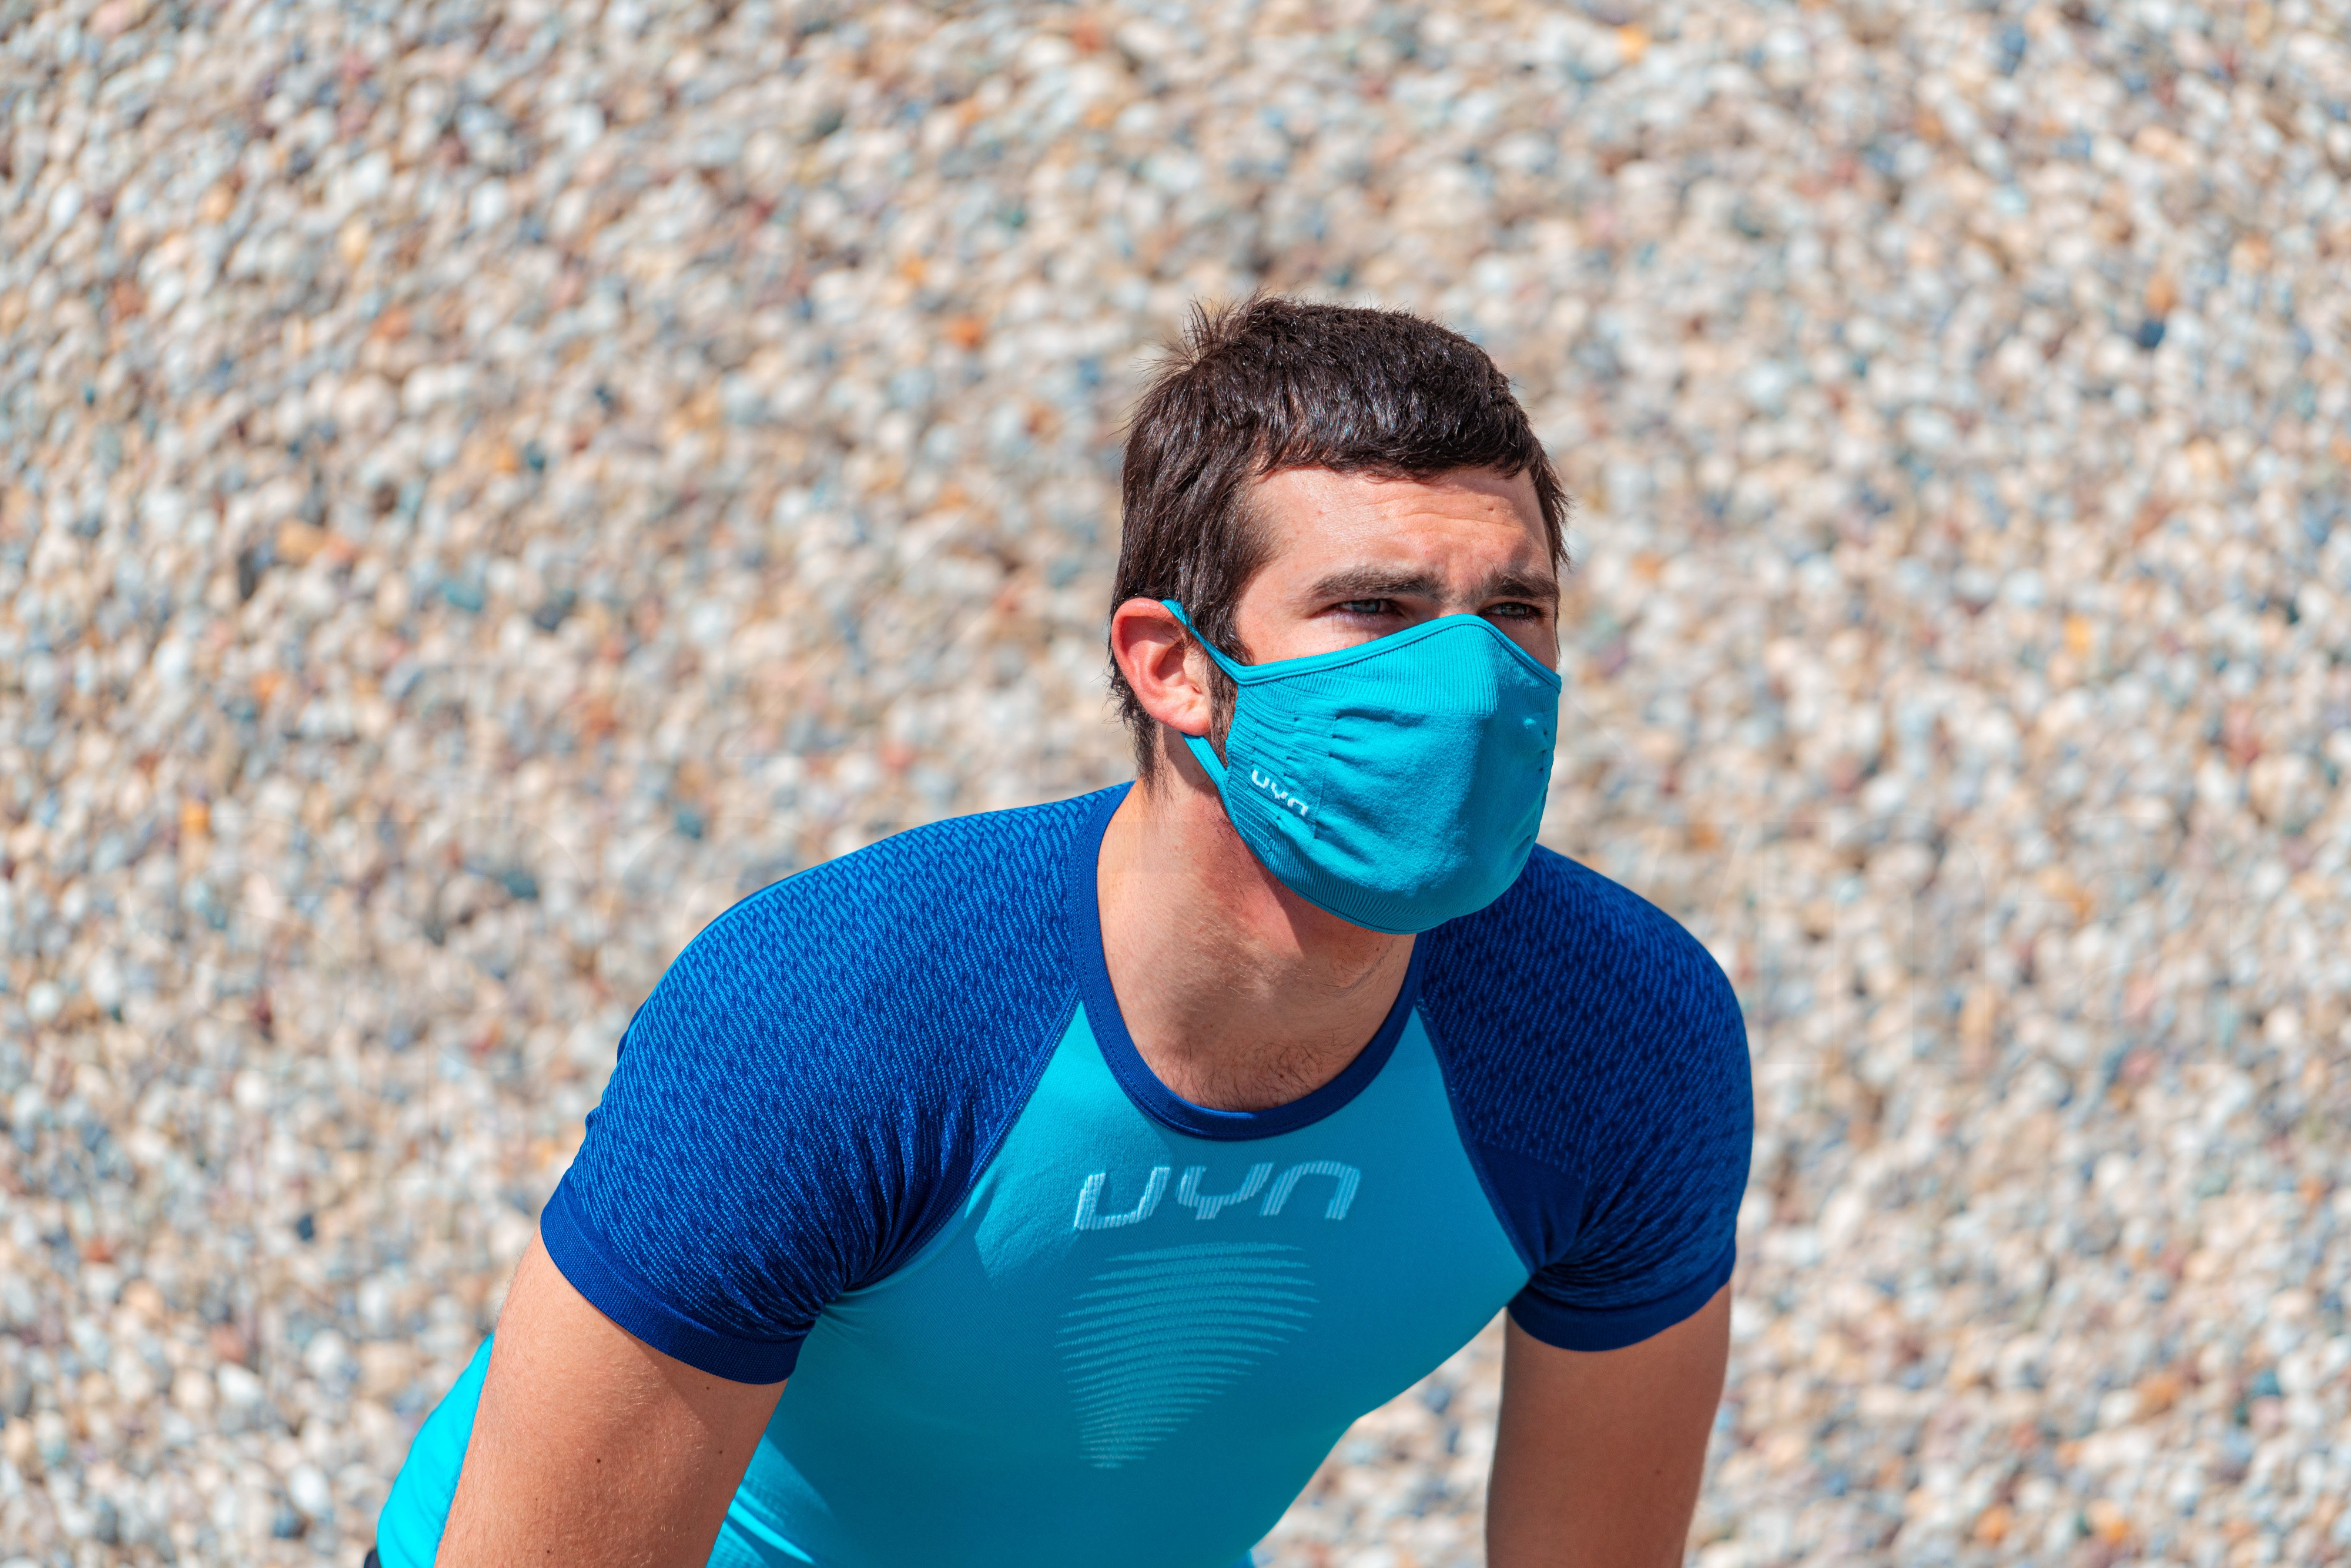 Rouška UYN Community Mask - černá